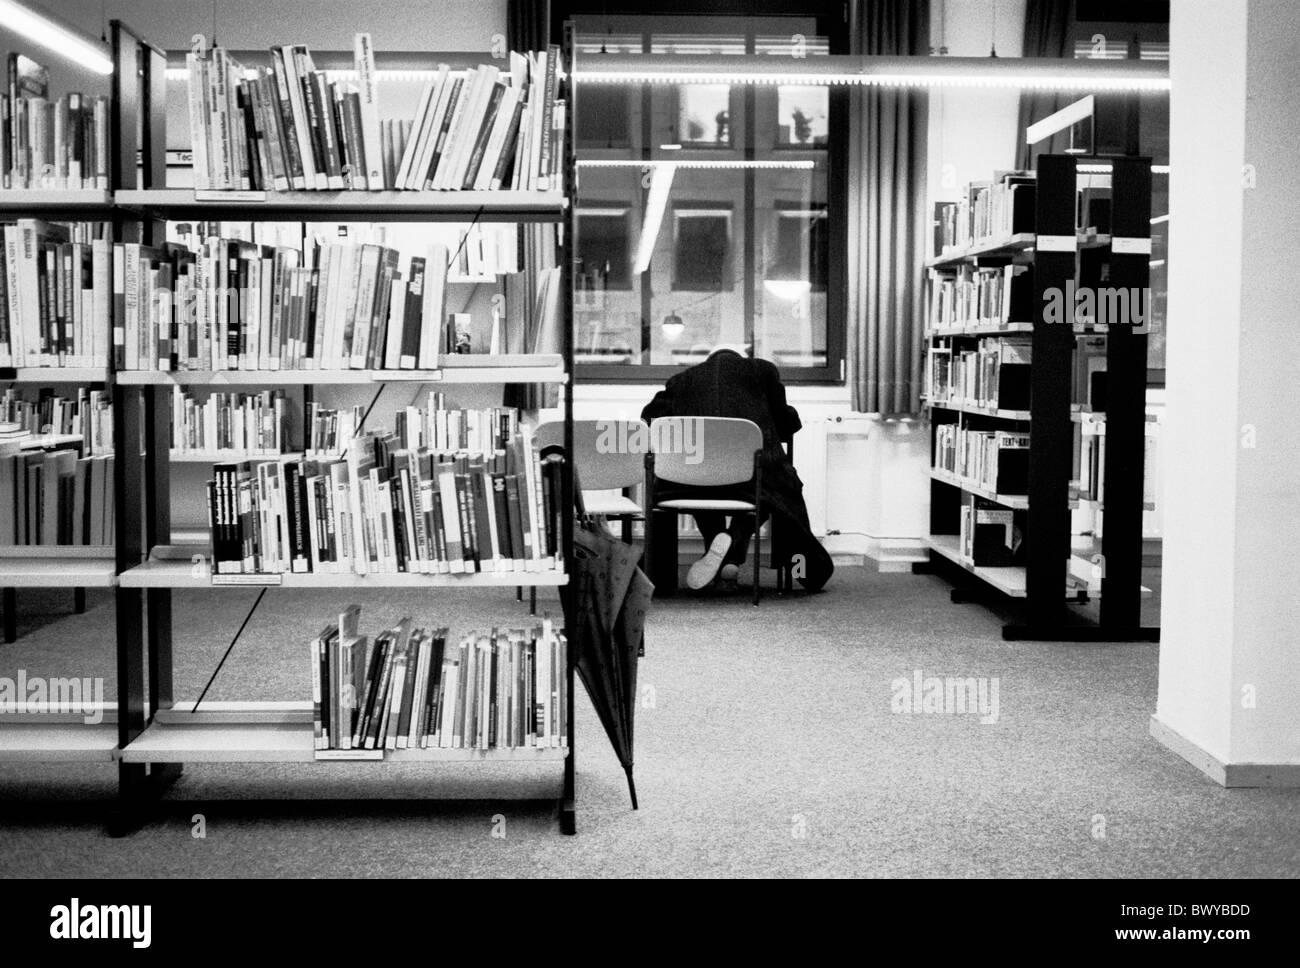 Archiv Bibliothek Bücher Buchregale innen lesen Literatur Mann Regale Regenschirm schwarz / weiß Tisch Stockbild